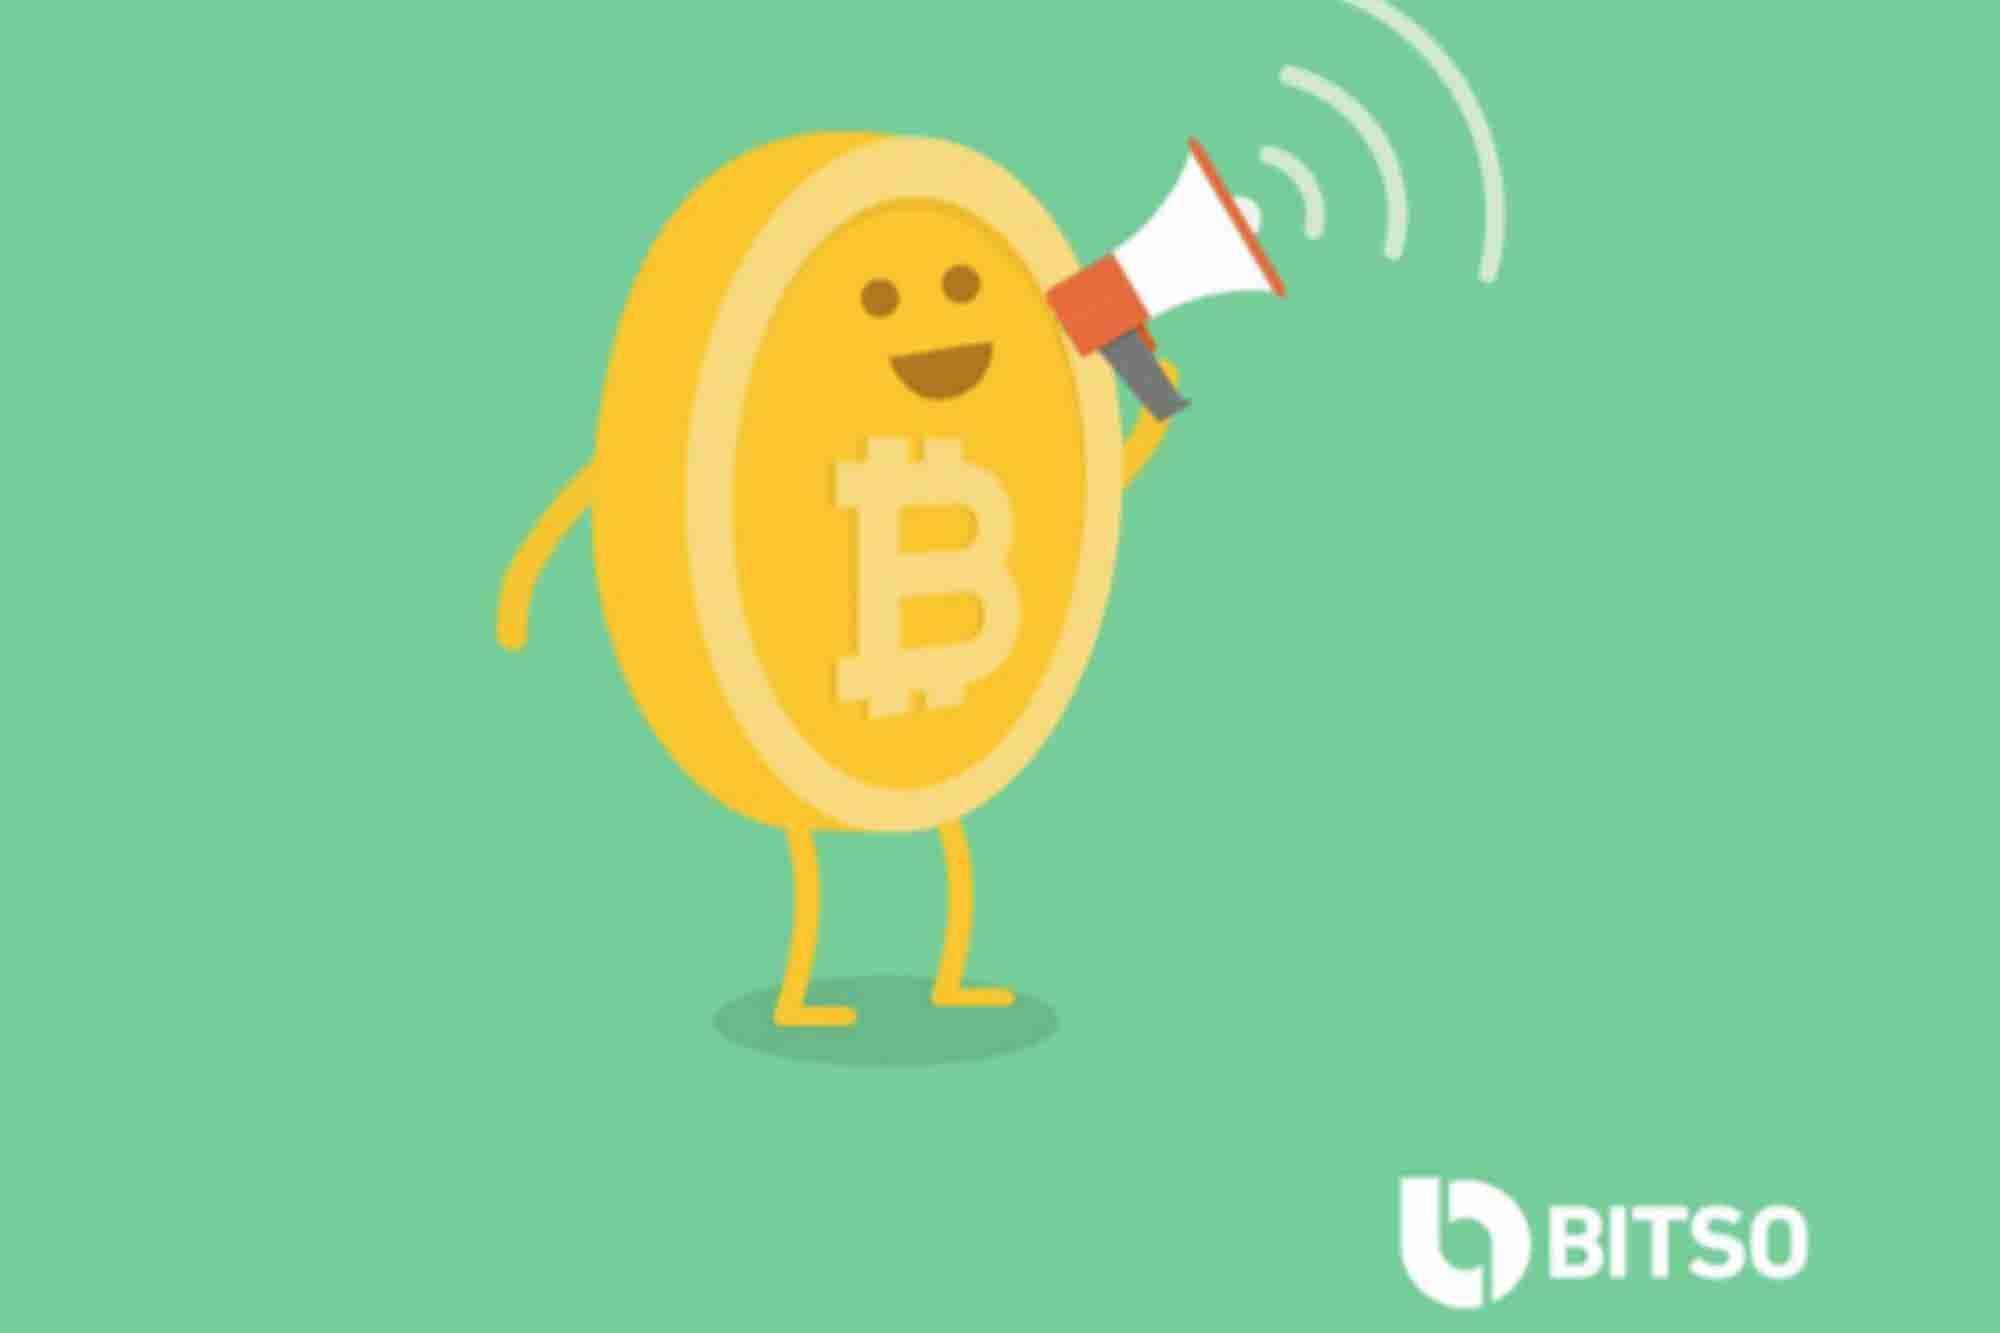 La start-up financiera Bitso presentó 4 nuevas criptomonedas